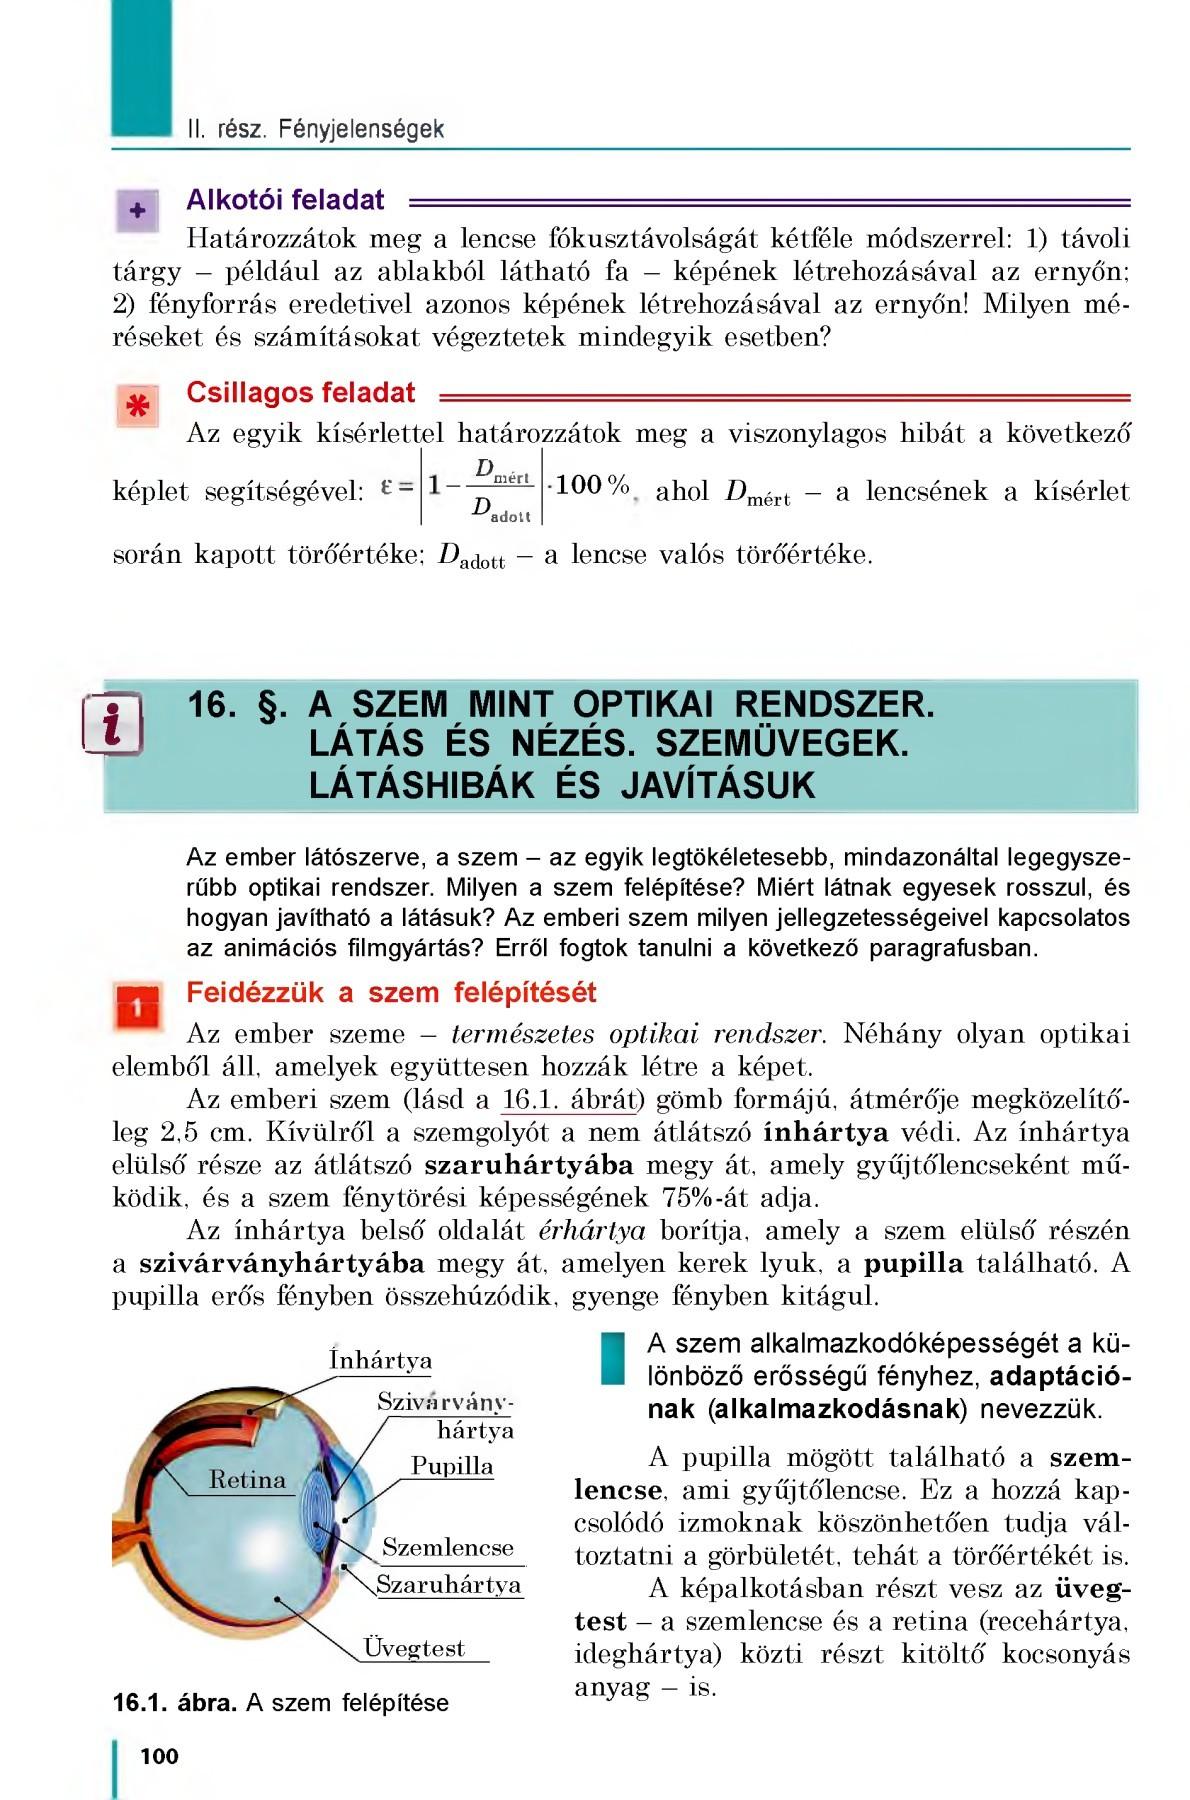 mennyivel javíthatja a gyakorlat látását)